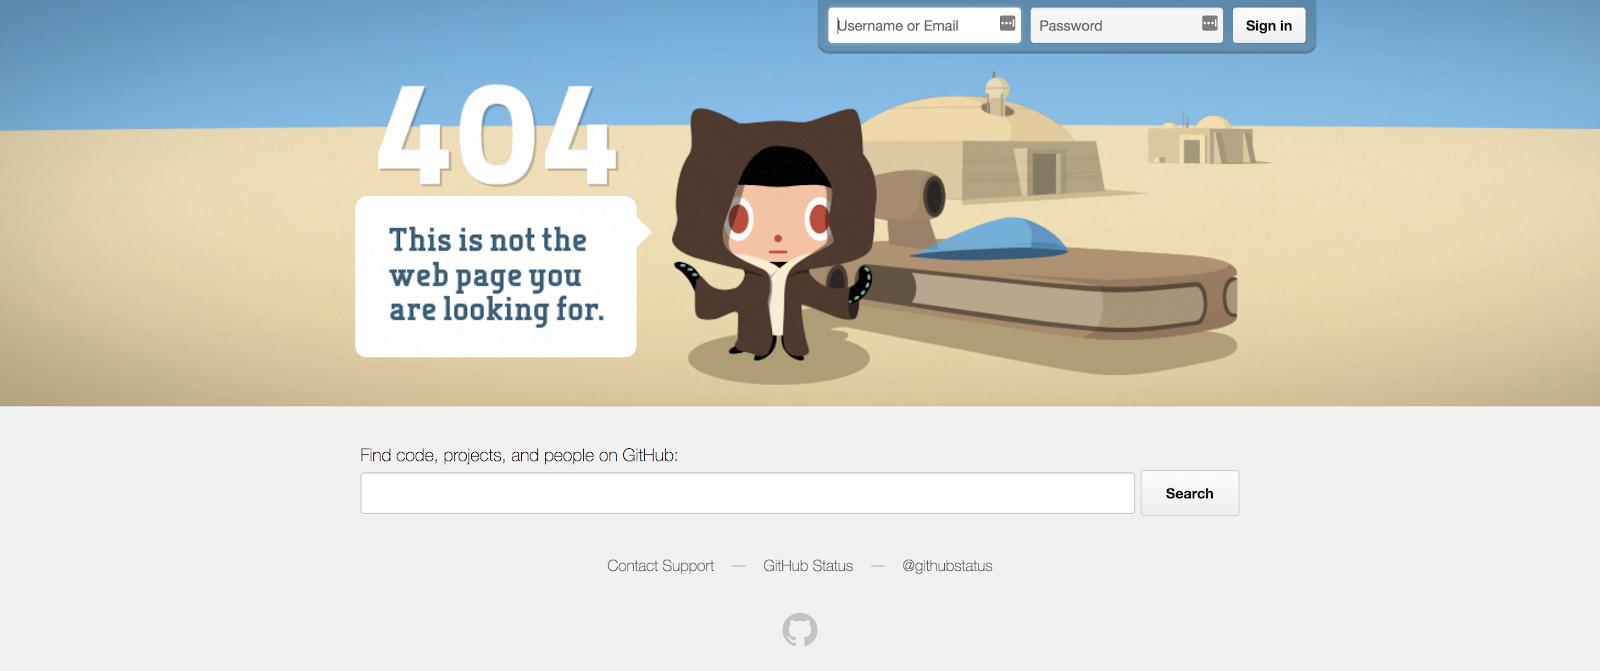 GitHub 404 error page